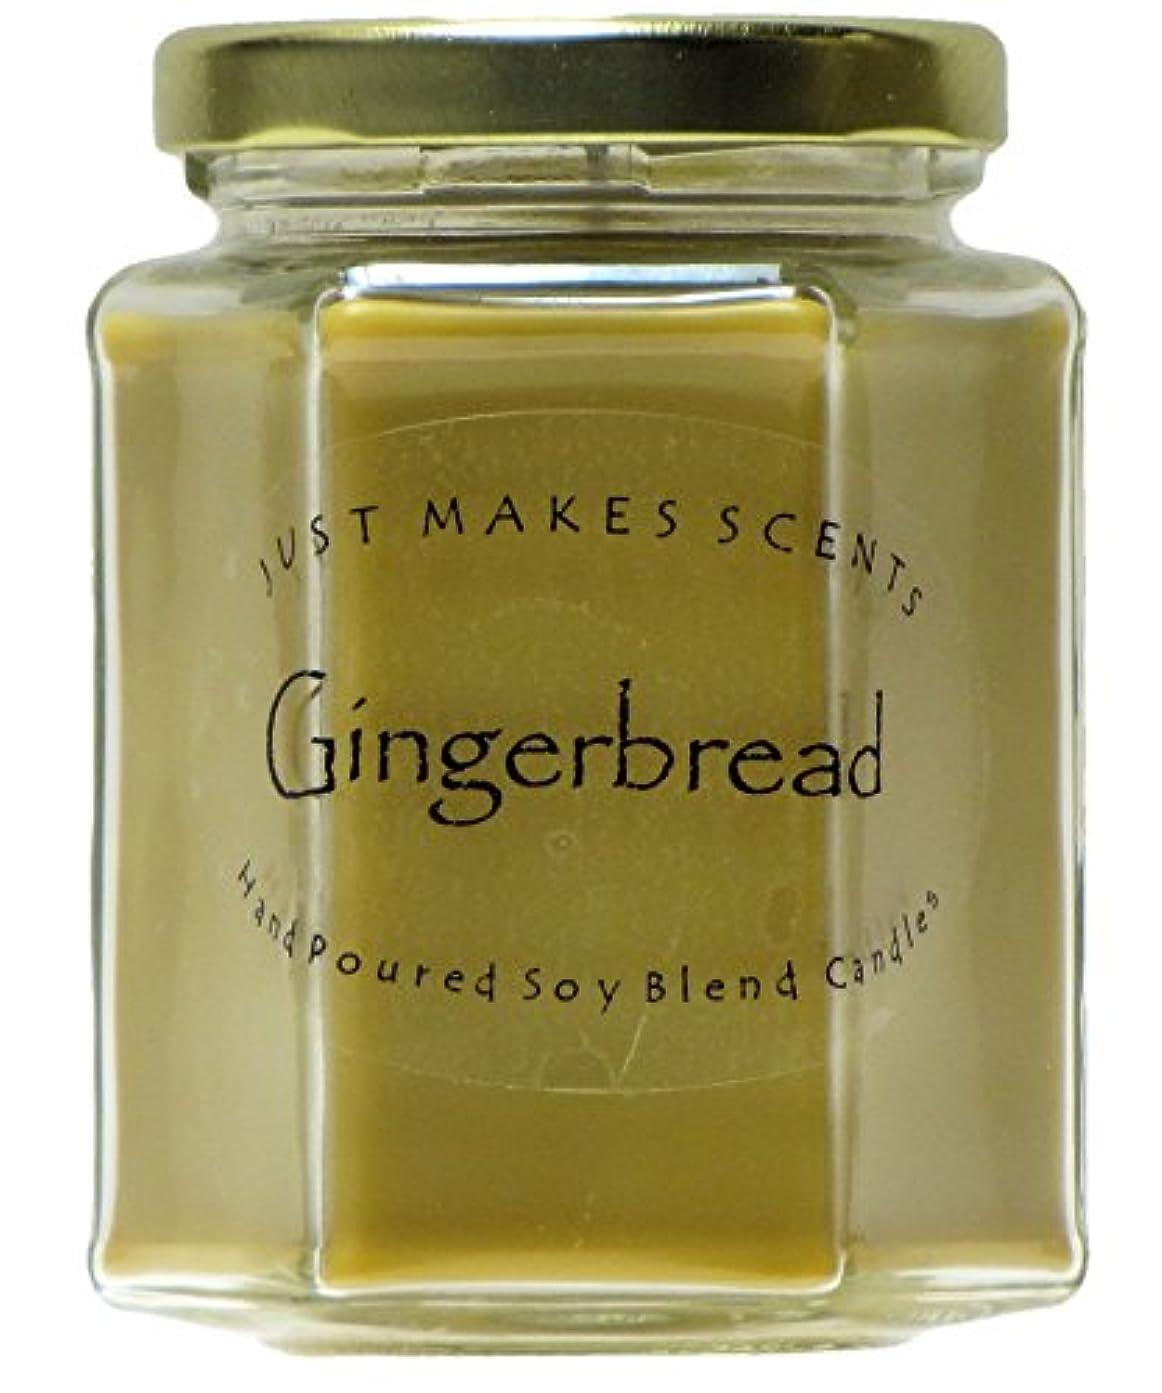 感嘆水銀の抵抗力があるGingerbread香りつきBlended Soy Candle by Just Makes Scents